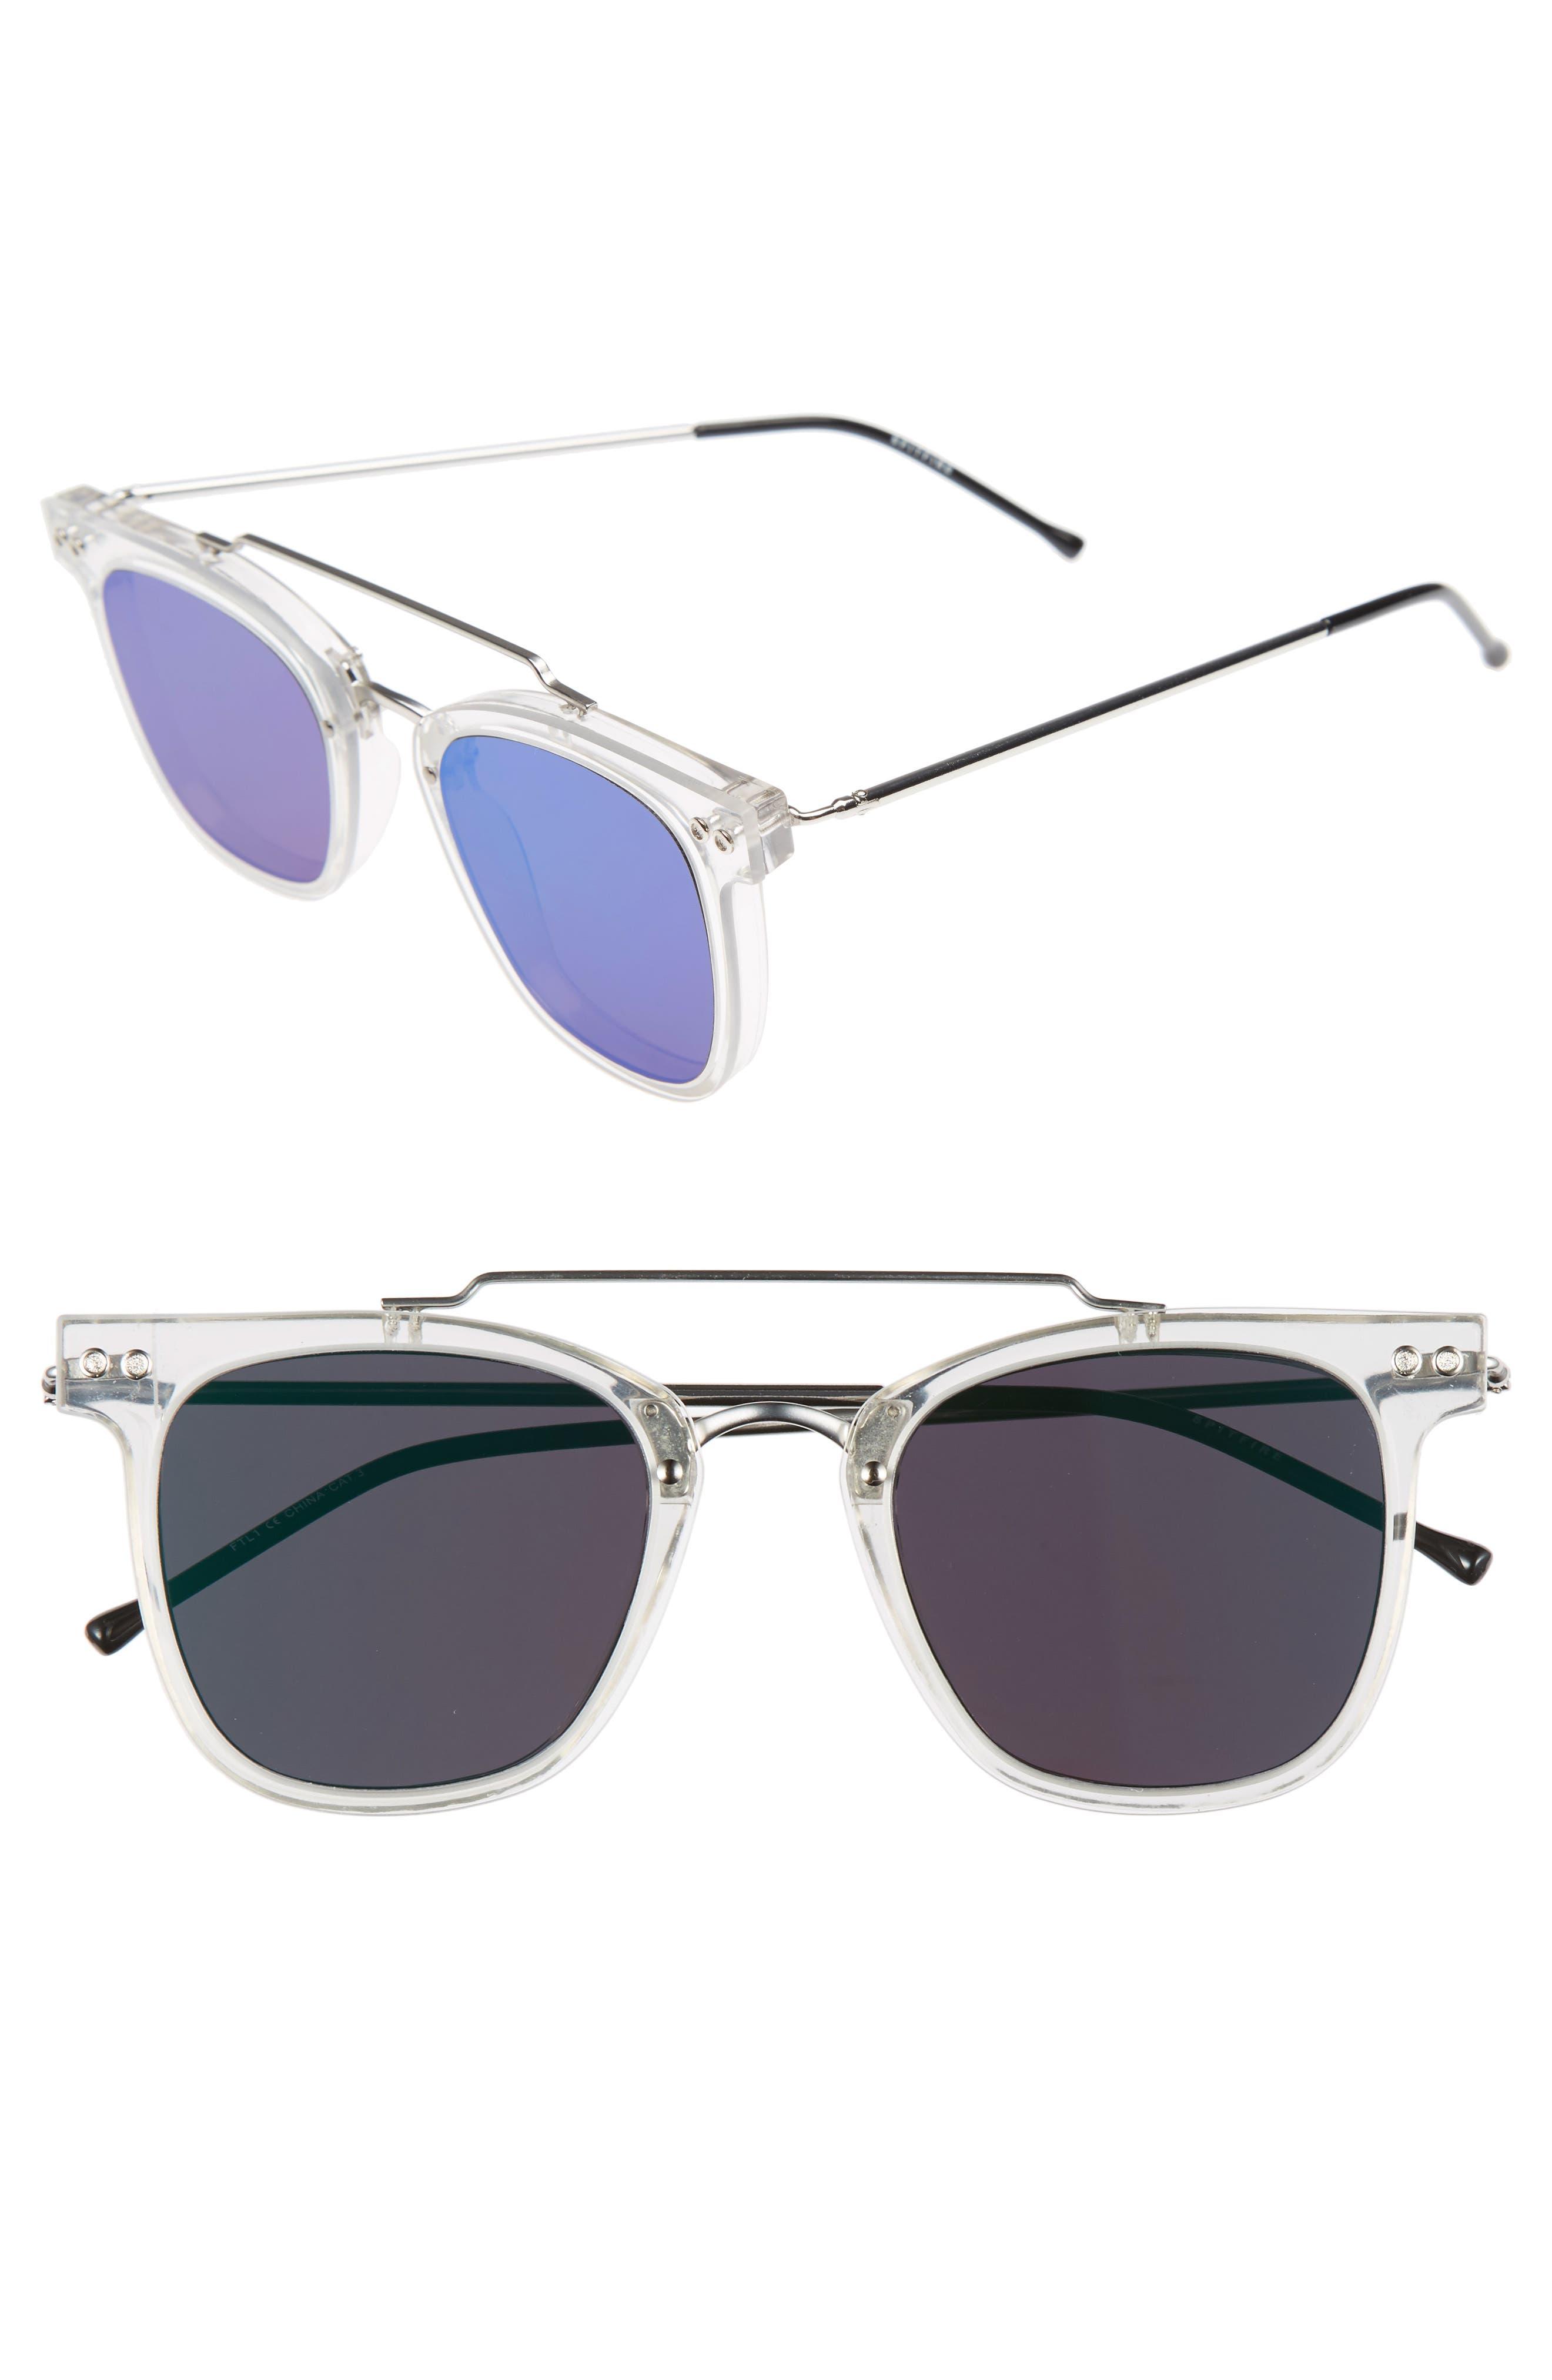 Spitfire FTL 54mm Flat Frame Sunglasses